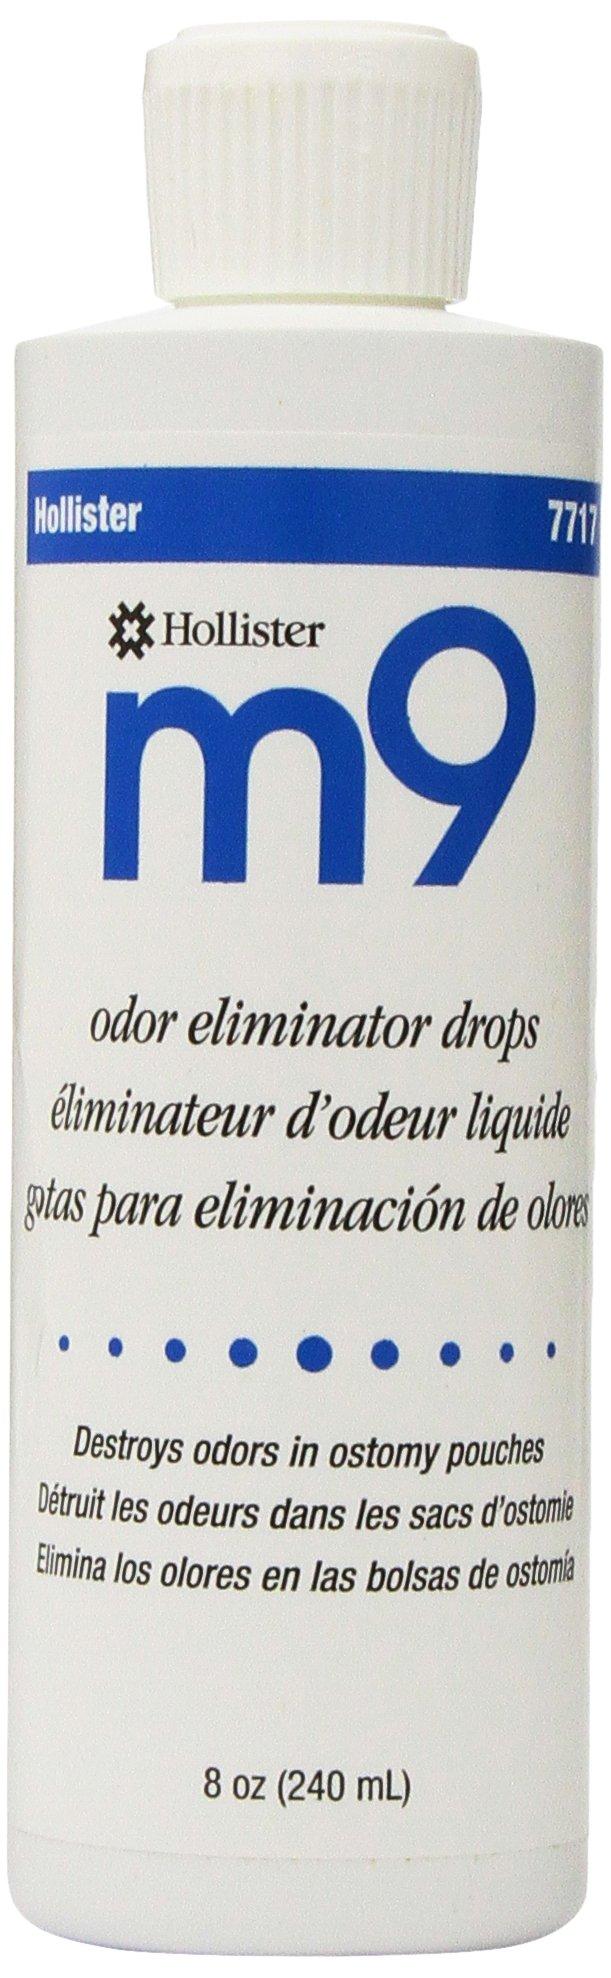 Hollister M9 Odor Eliminator Drops, 7717 8 oz 1 bottle